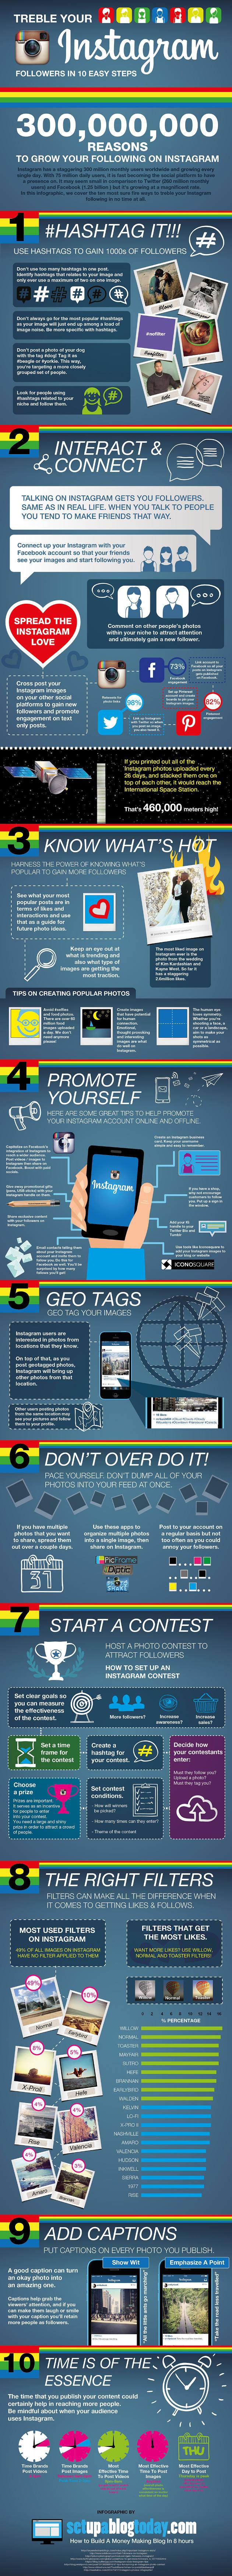 10 consejos para hacer crecer tu audiencia en Instagram